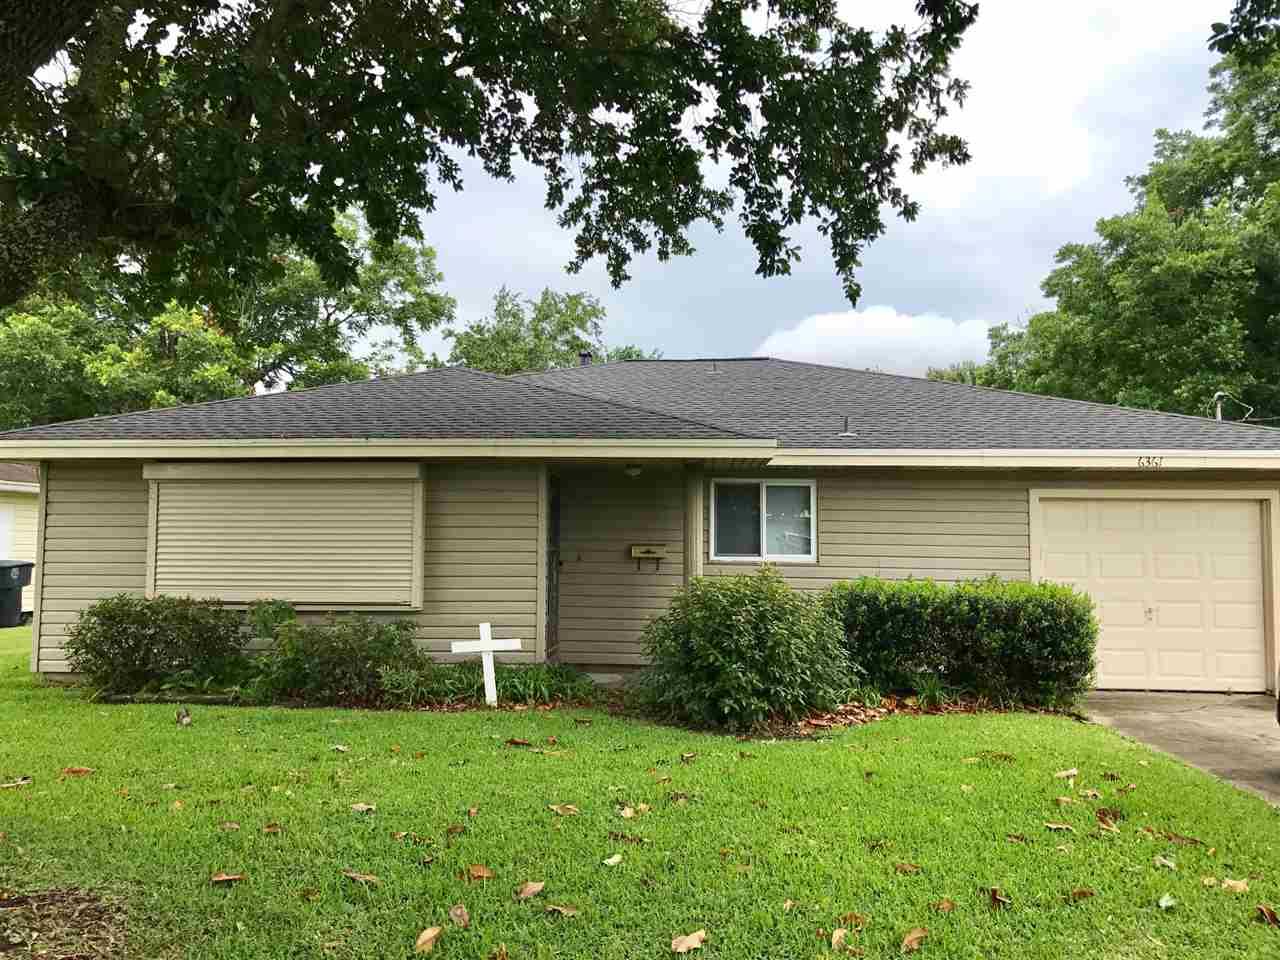 6361 Verde St., Groves, TX 77619